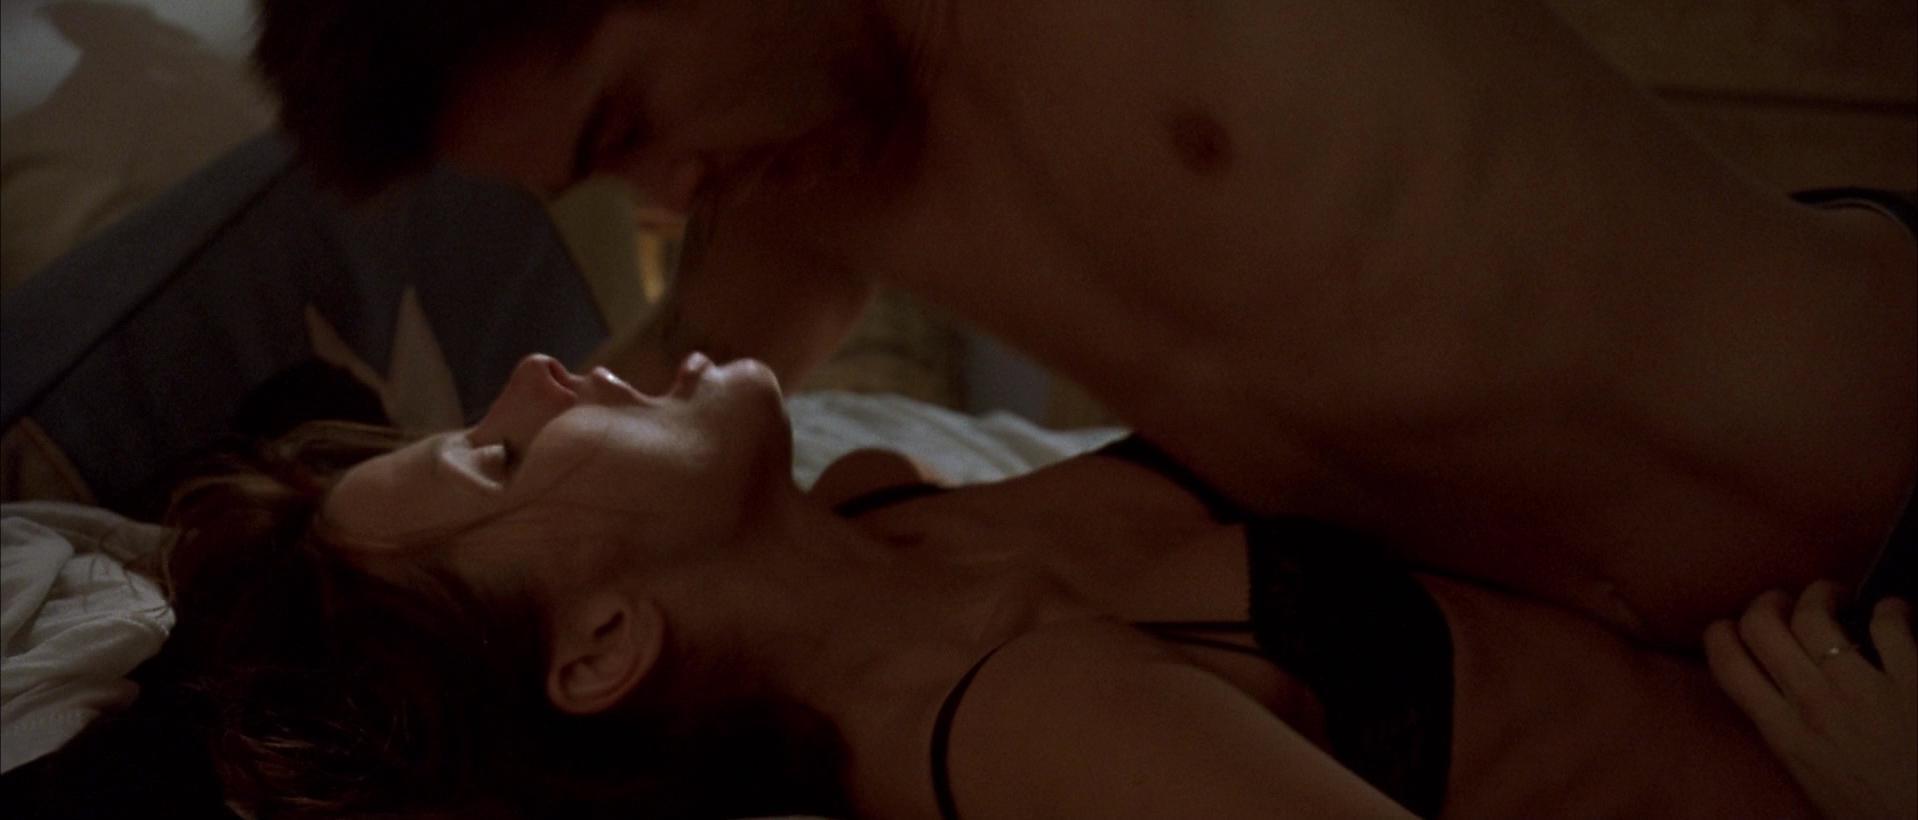 bridget moynahan nude sex scene